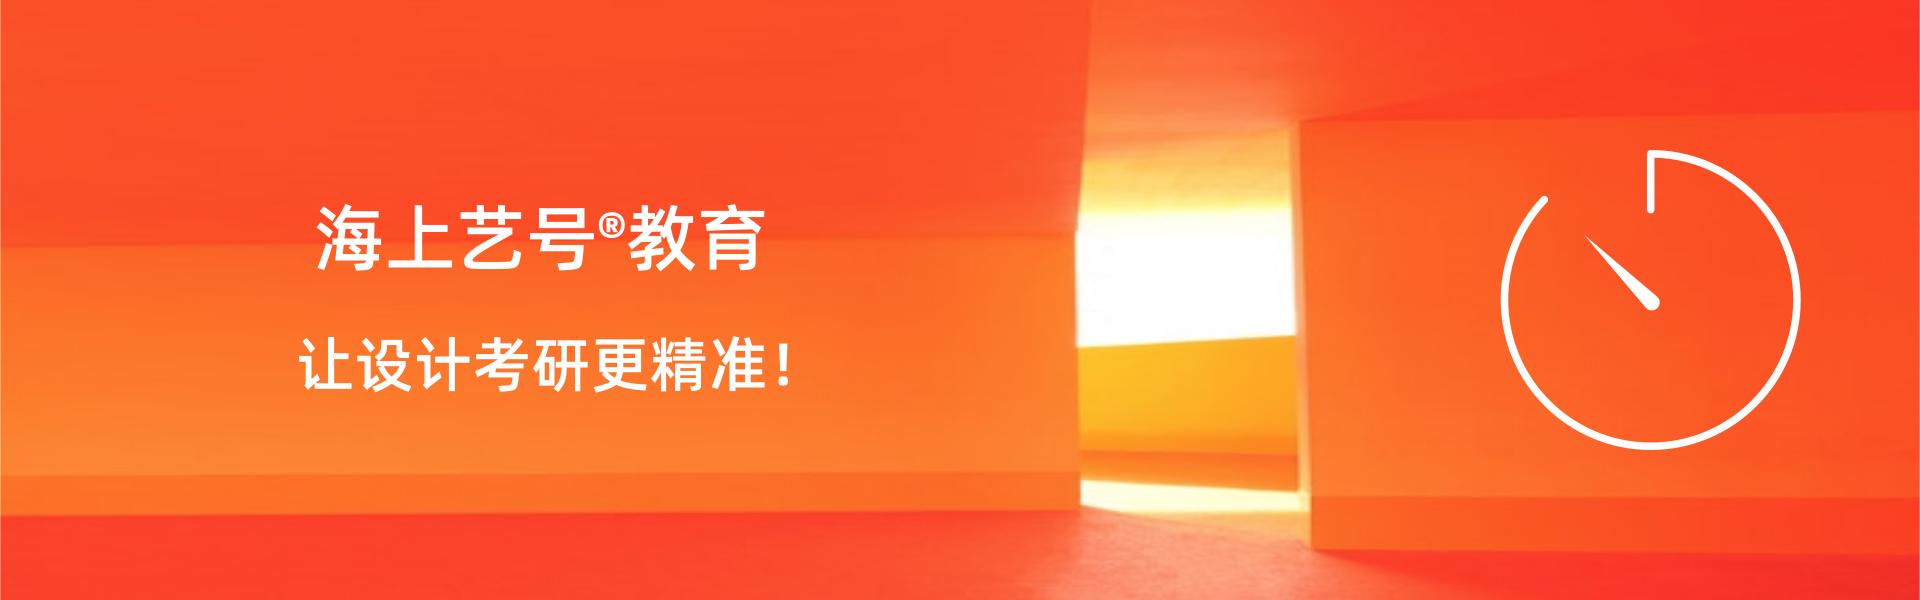 西安手绘培训 西安快题培训 西安平面设计培训 西安软件培训